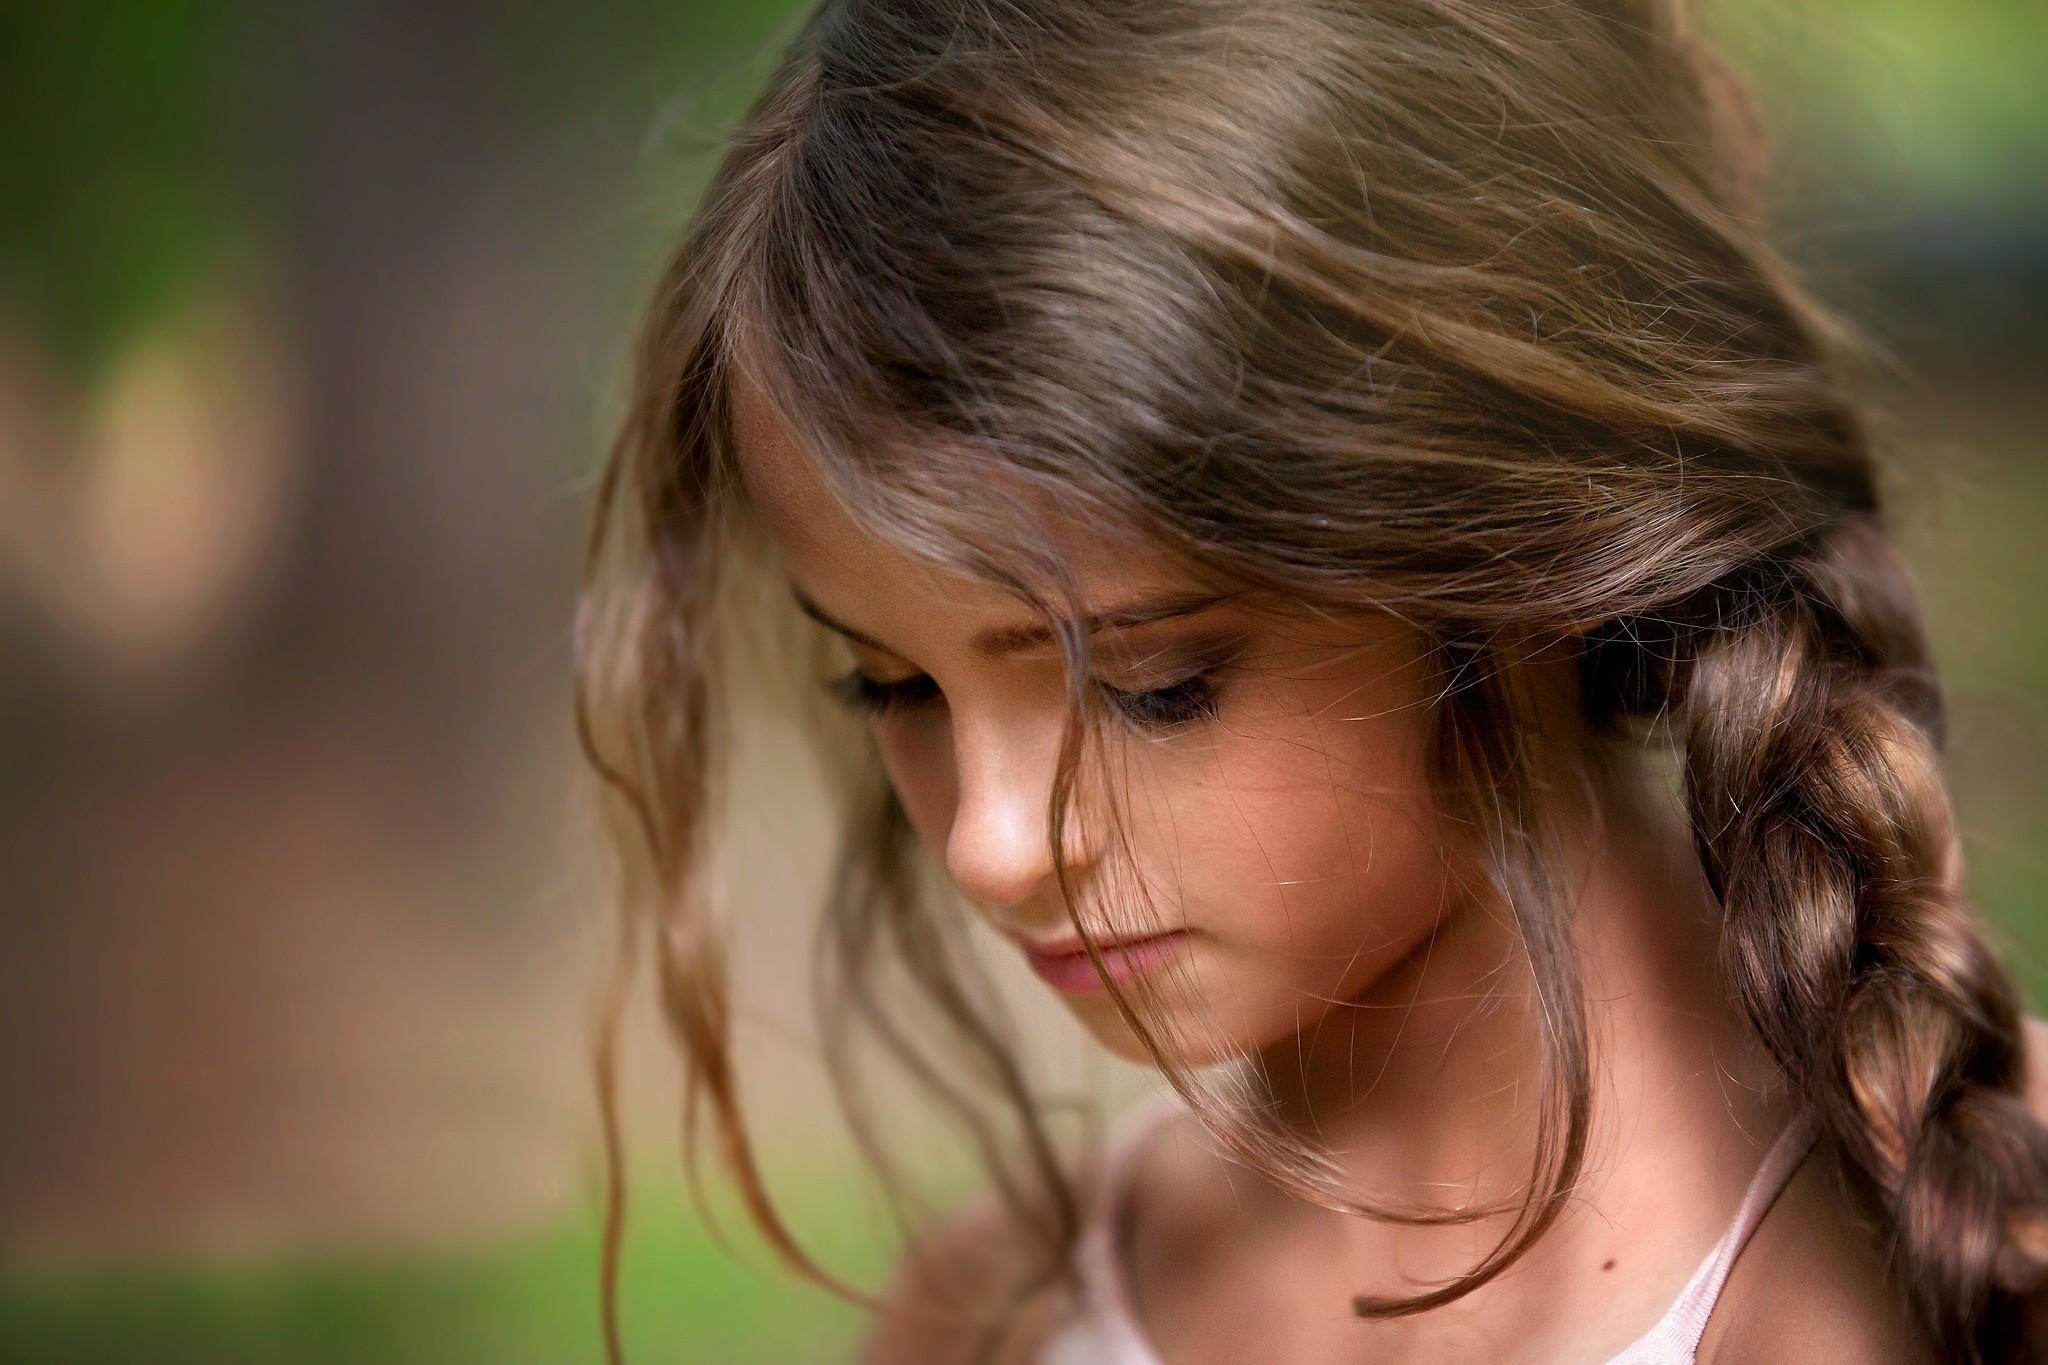 Картинки с несовершеннолетними девочками